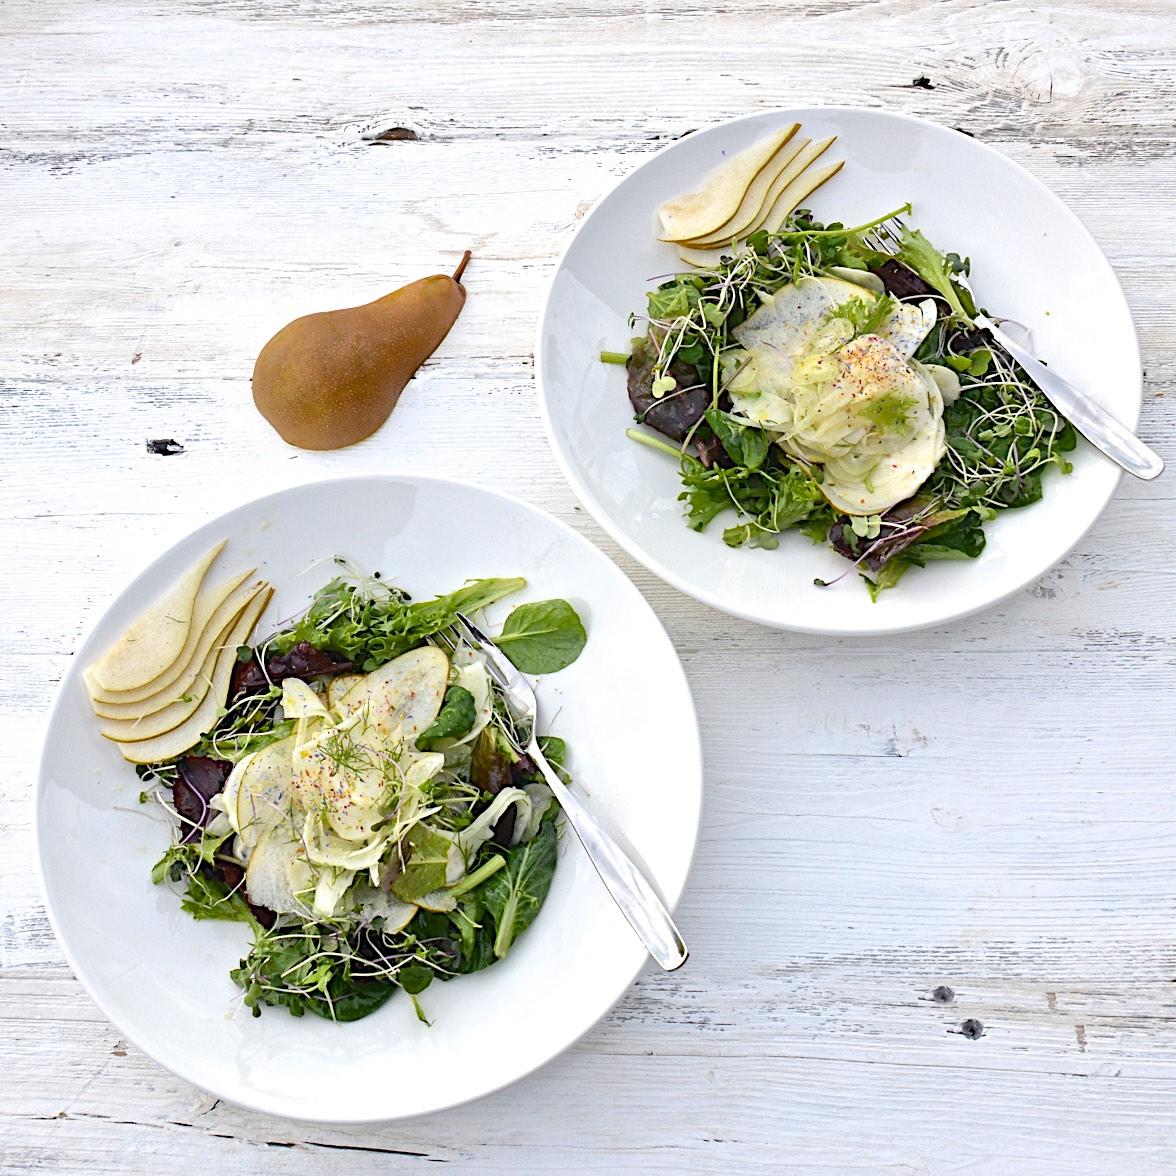 Lemon-marinated fennel and pear salad